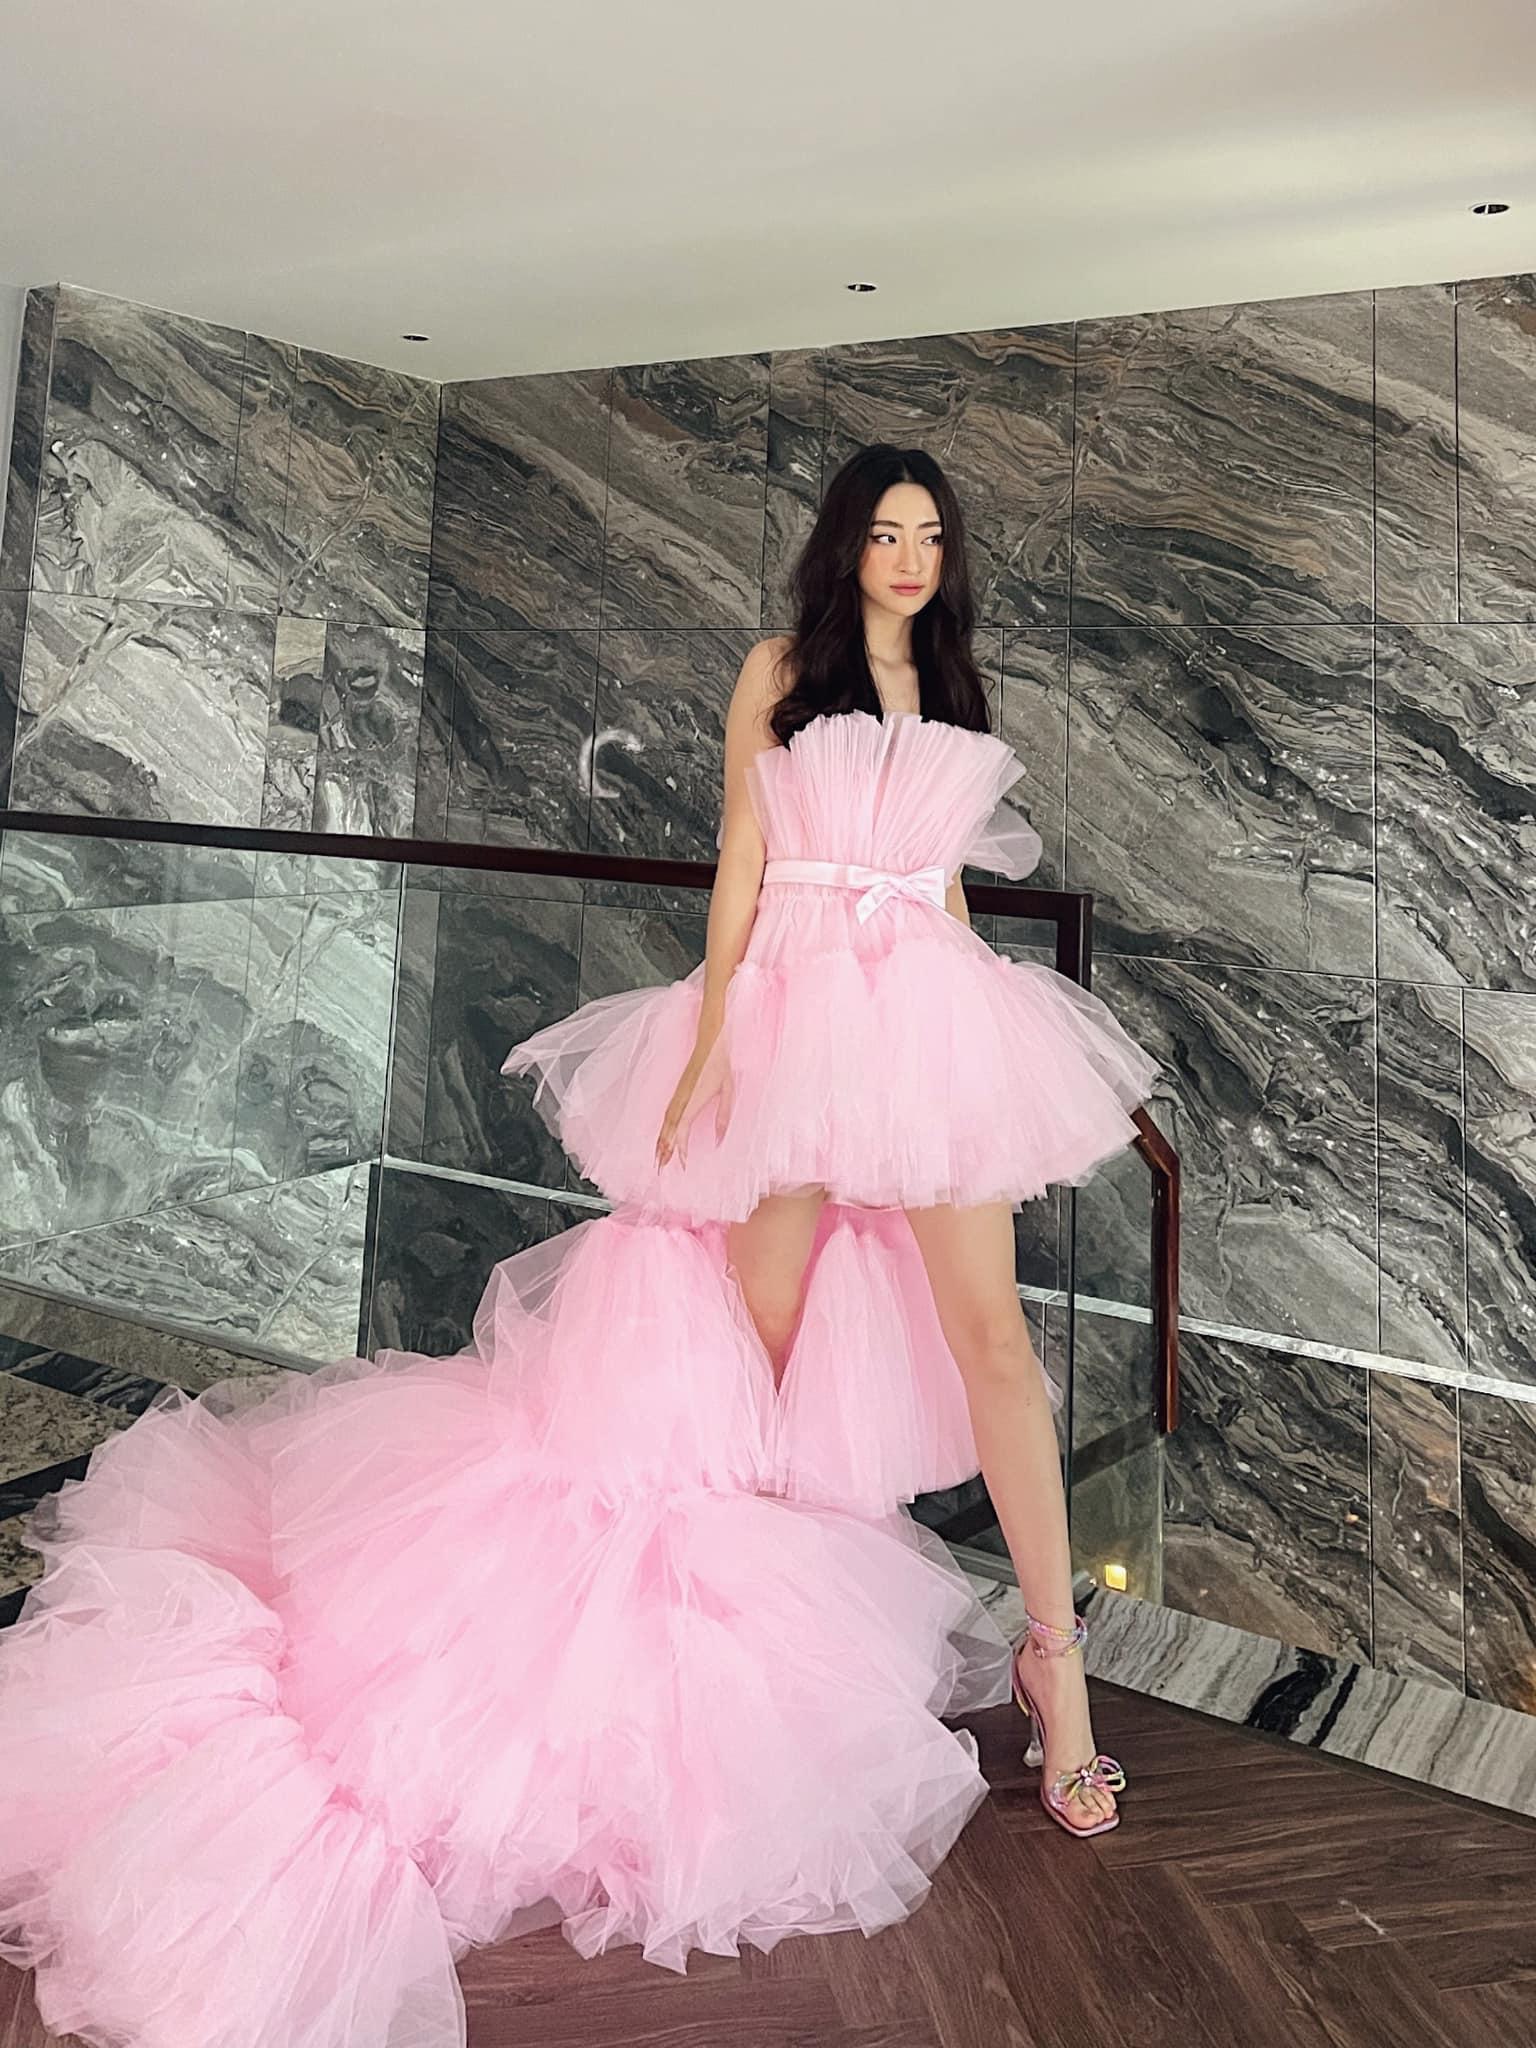 Diễm Hương gợi cảm hút mắt khi ở nhà, Chi Pu dẫn đầu top sao mặc đẹp tuần qua - Ảnh 8.